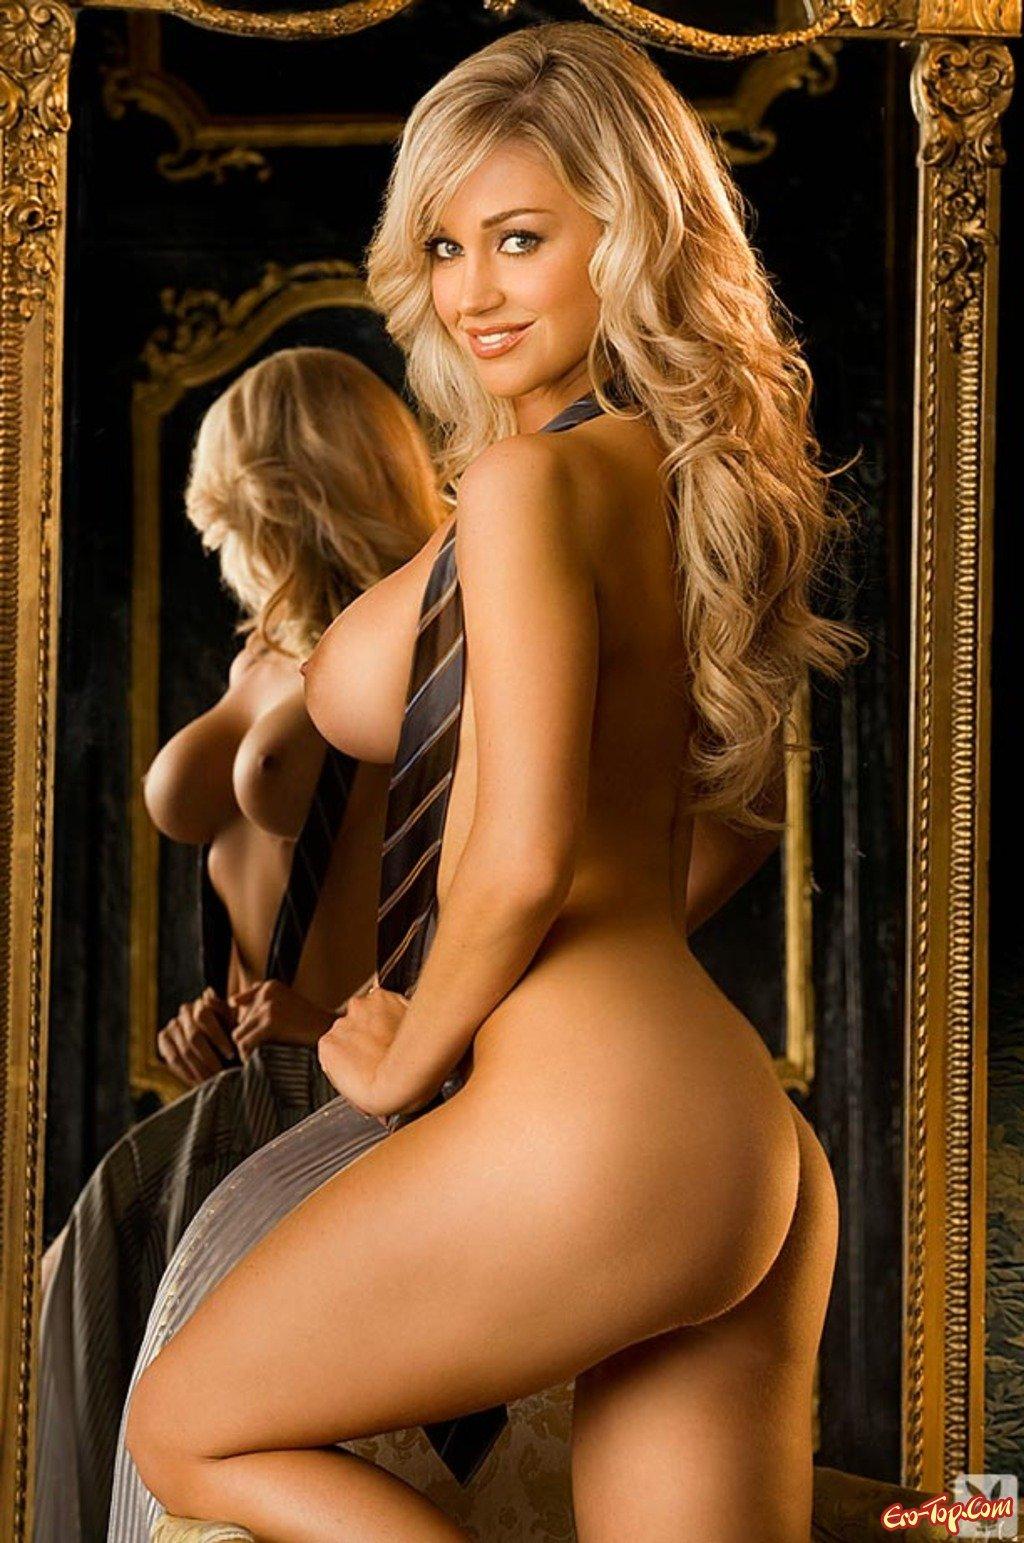 rossiyskie-eroticheskie-modeli